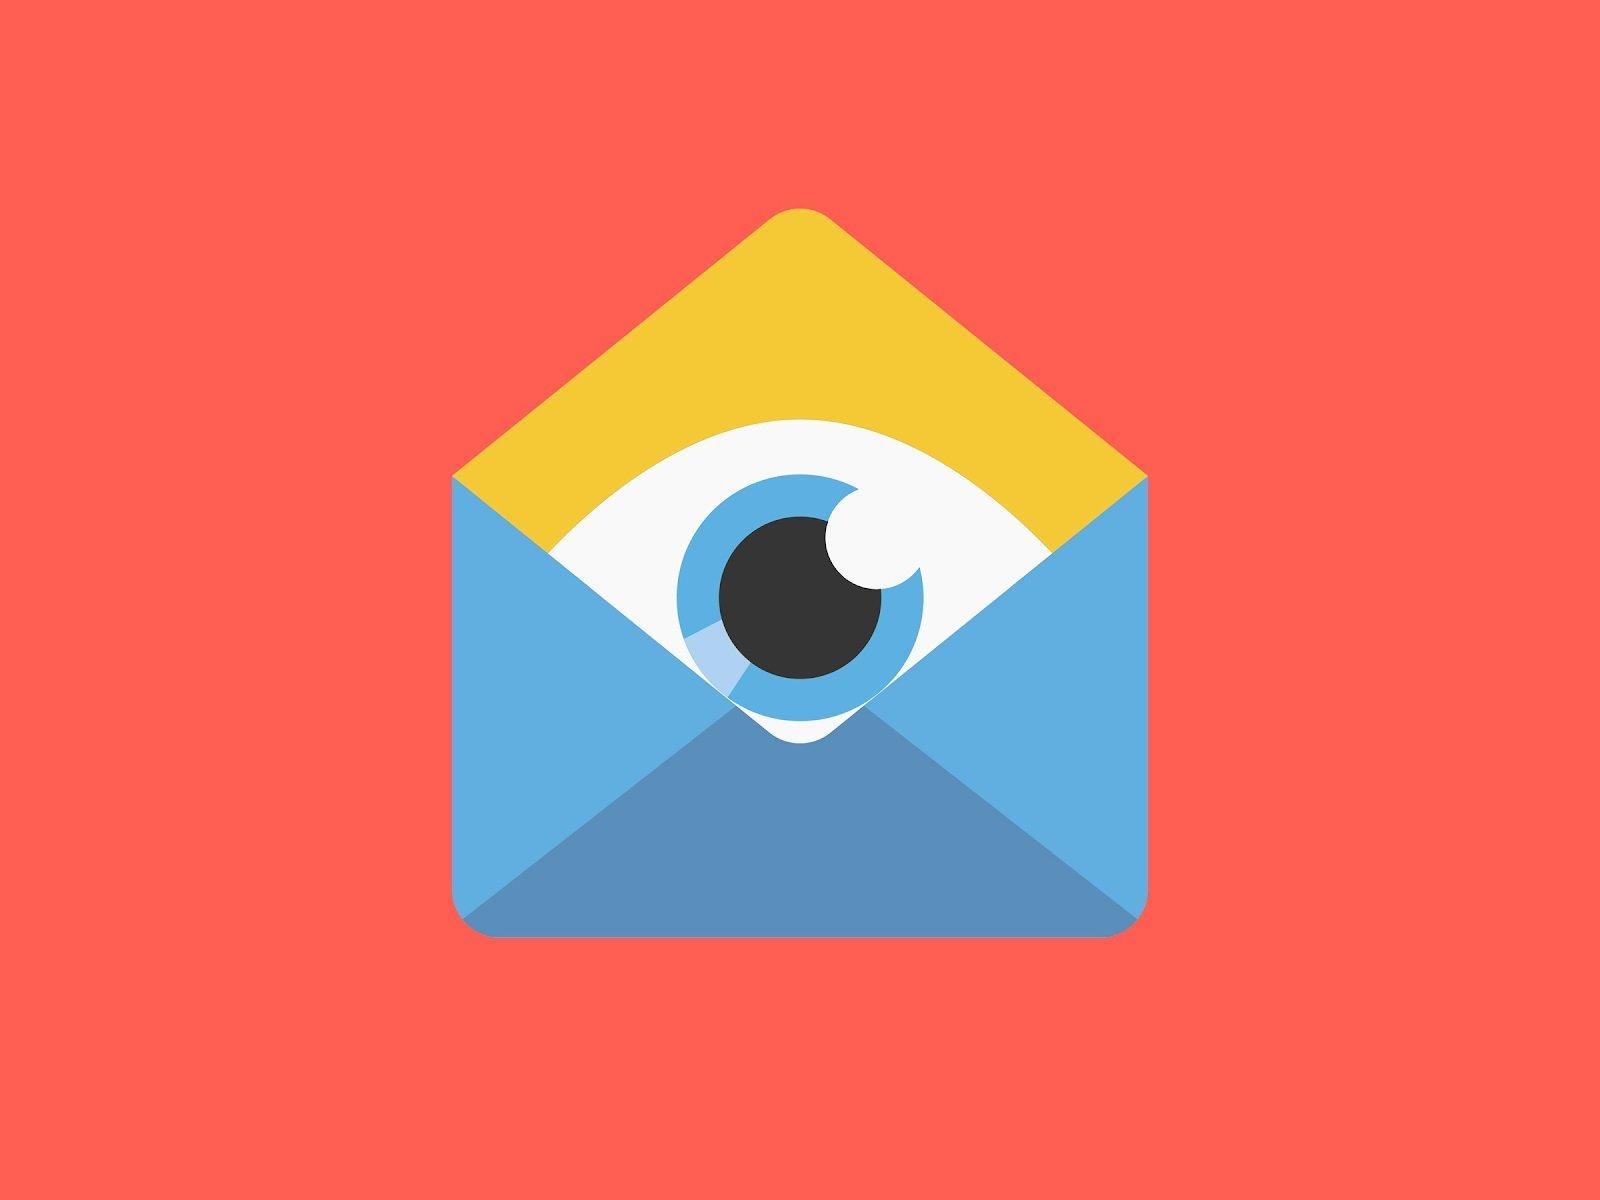 Українців зобов'яжуть спілкуватися з владою онлайн: кожному видадуть офіційний email разом з паспортом